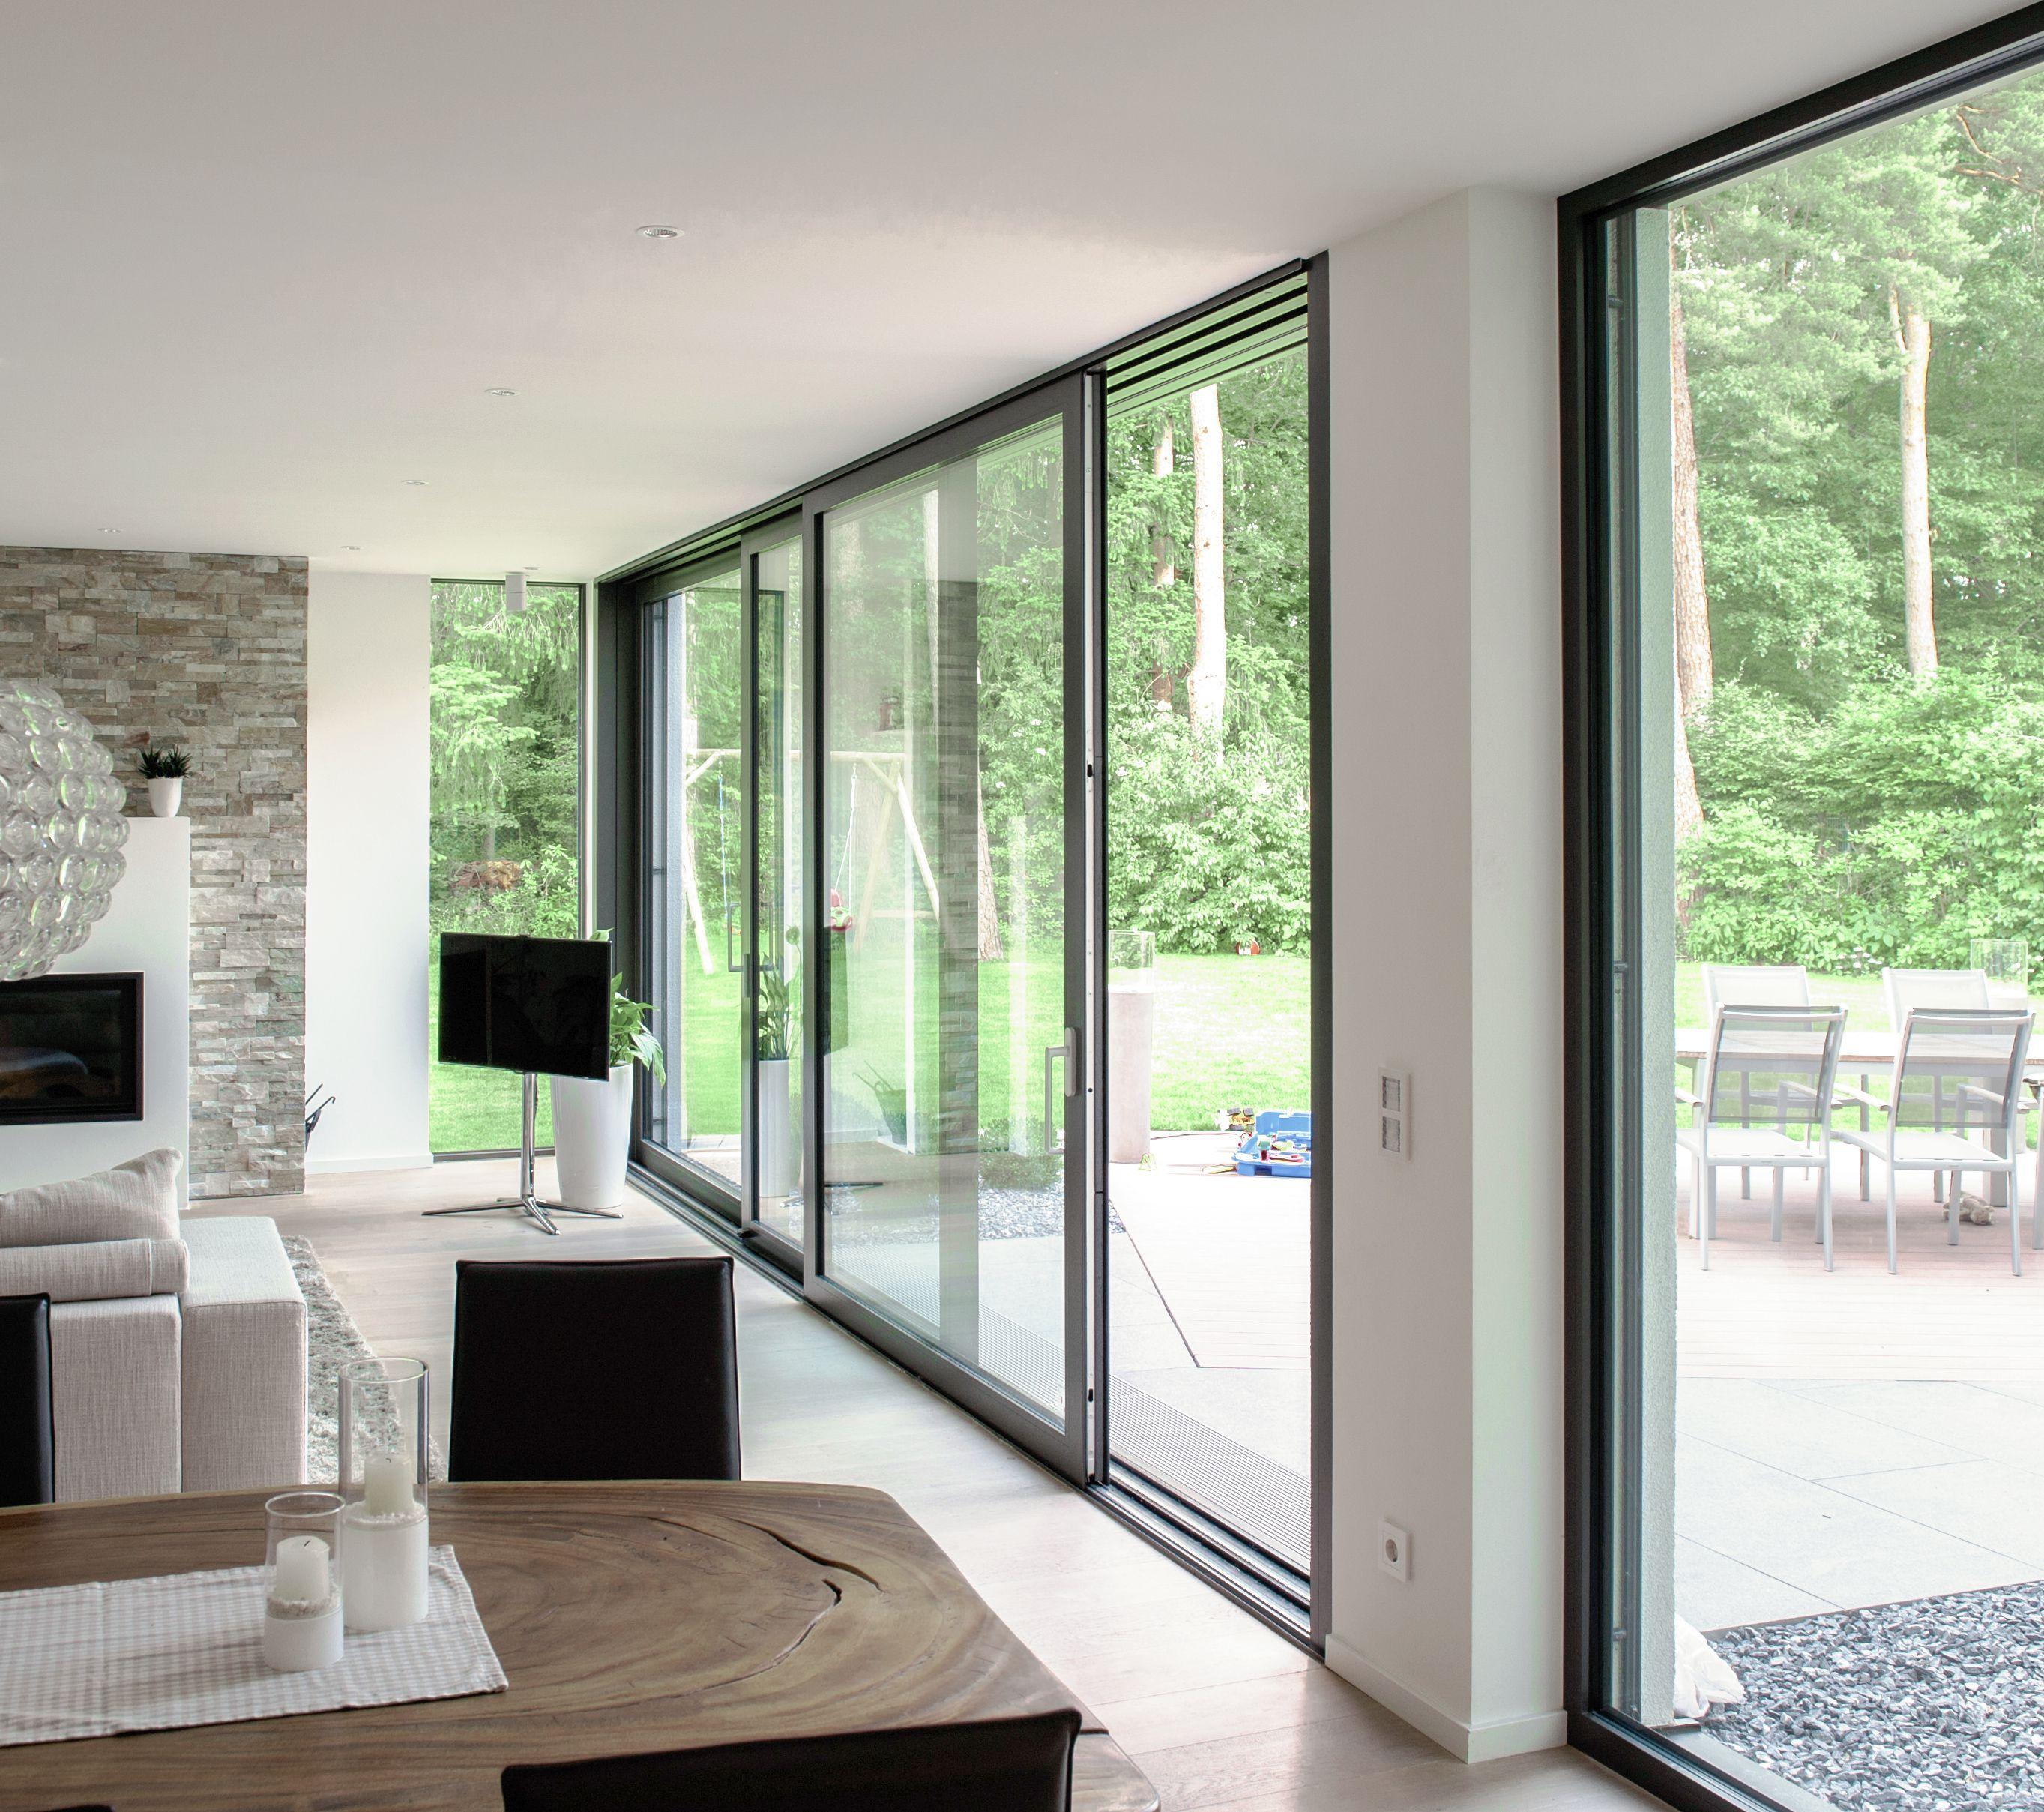 Modern living mit einer dreil ufigen schiebet re von - Wohnzimmer karlsruhe ...